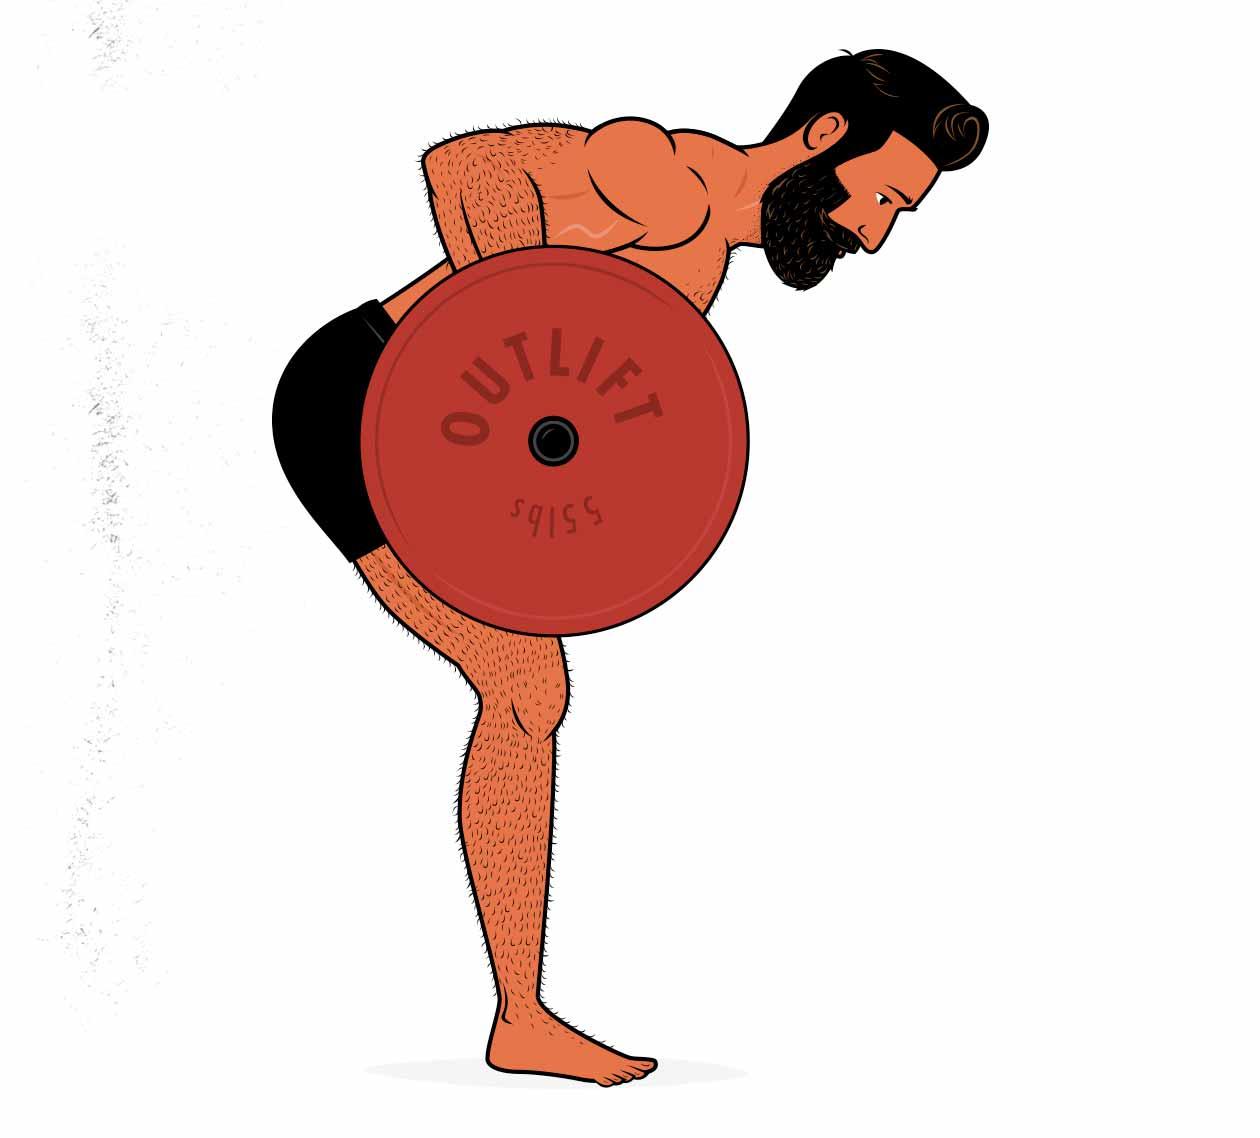 Ilustración de un hombre haciendo un remo con barra para ganar músculo en la espalda superior.